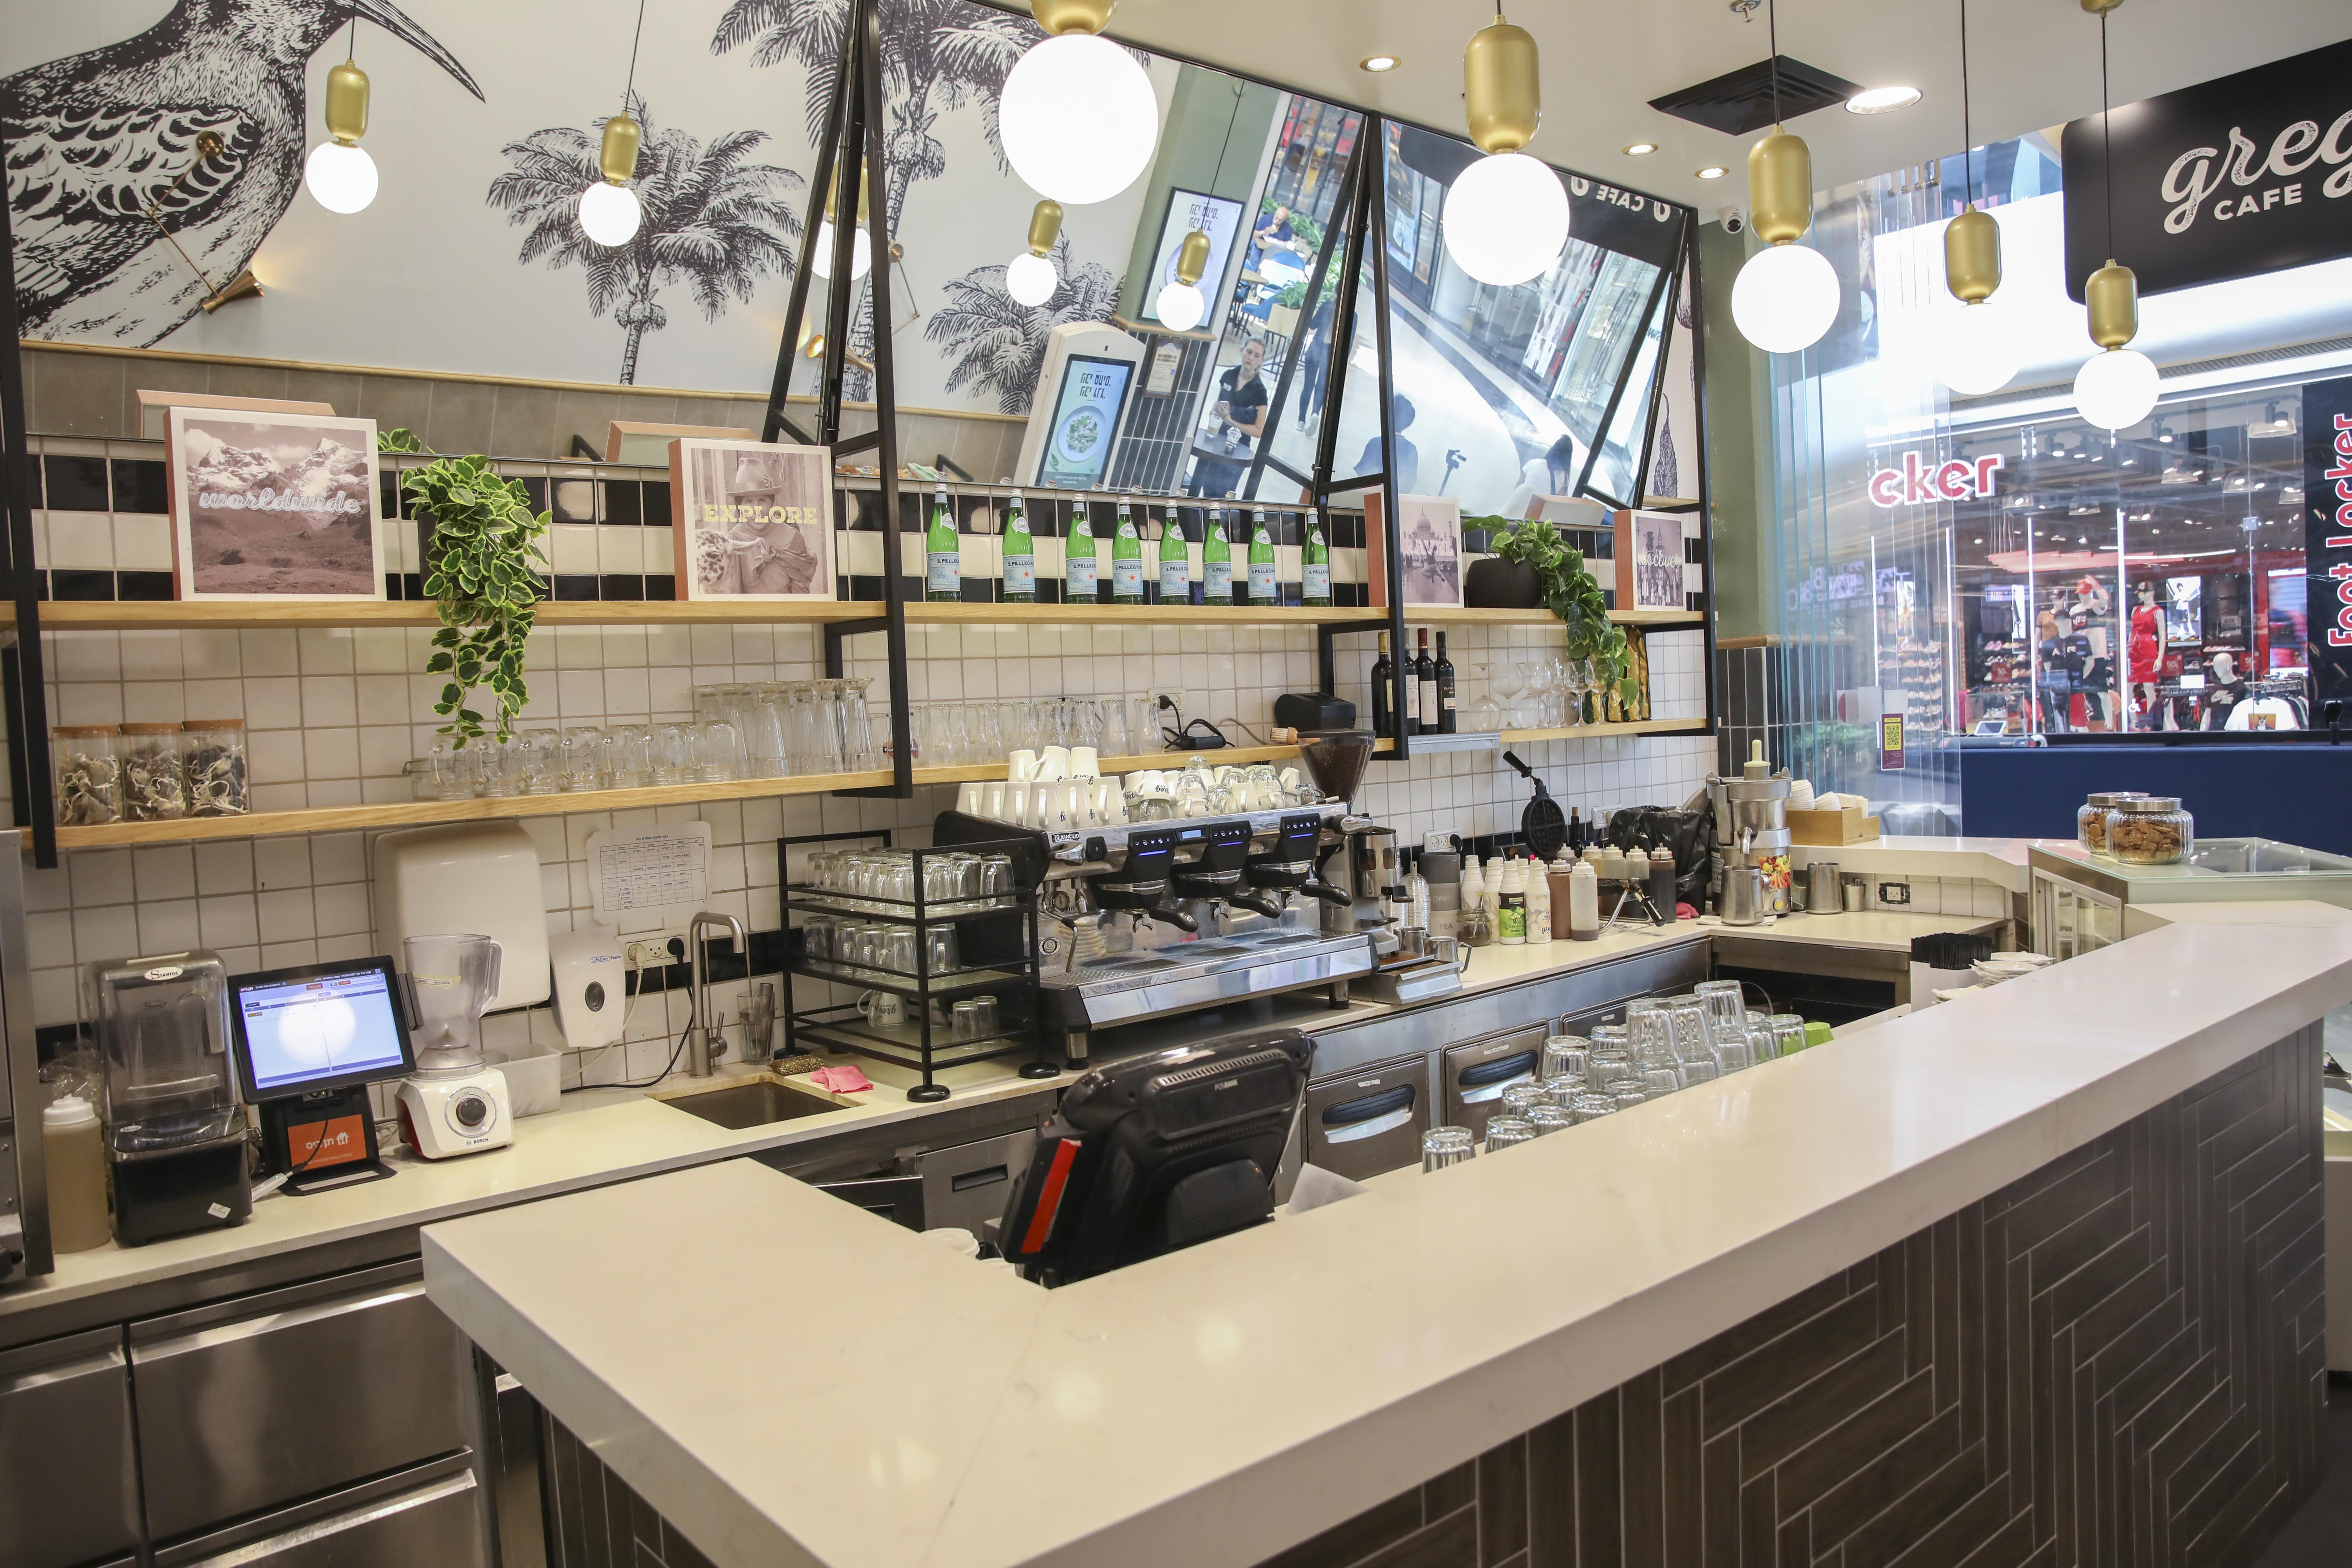 קפה גרג, סניף עיר ימים, נתניה